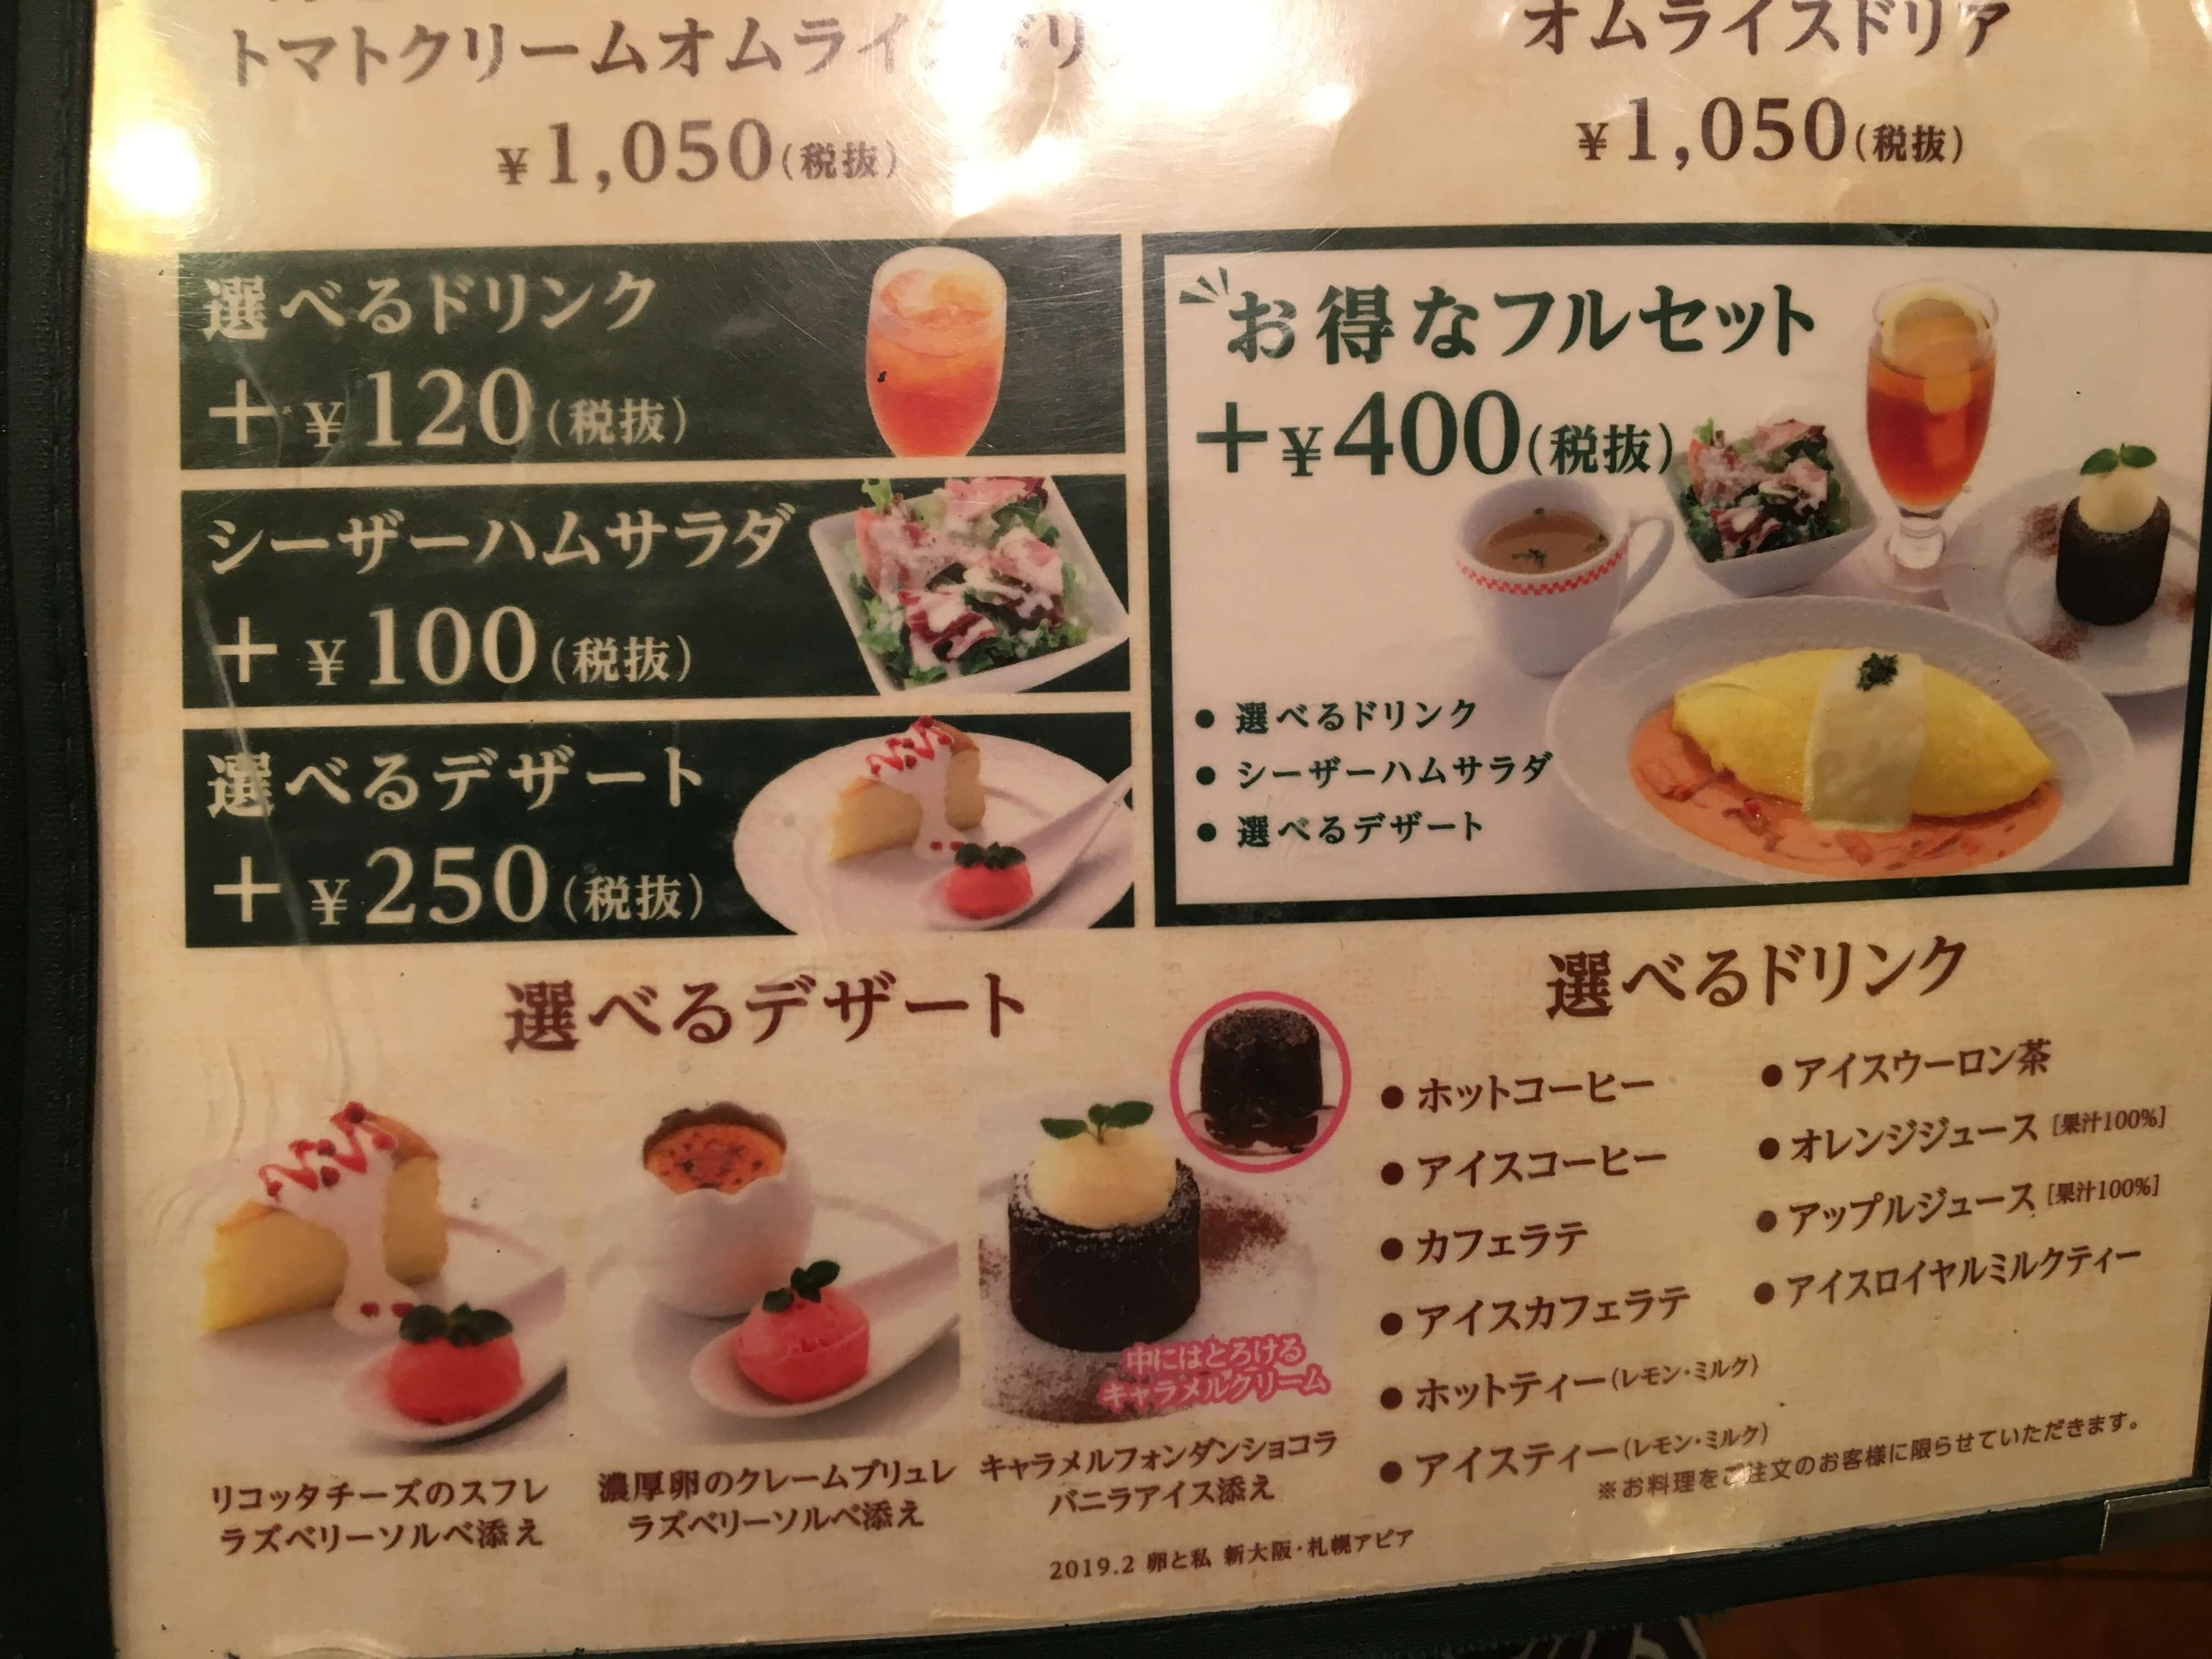 卵と私 札幌アピア店のメニュー(セットメニュー一覧)